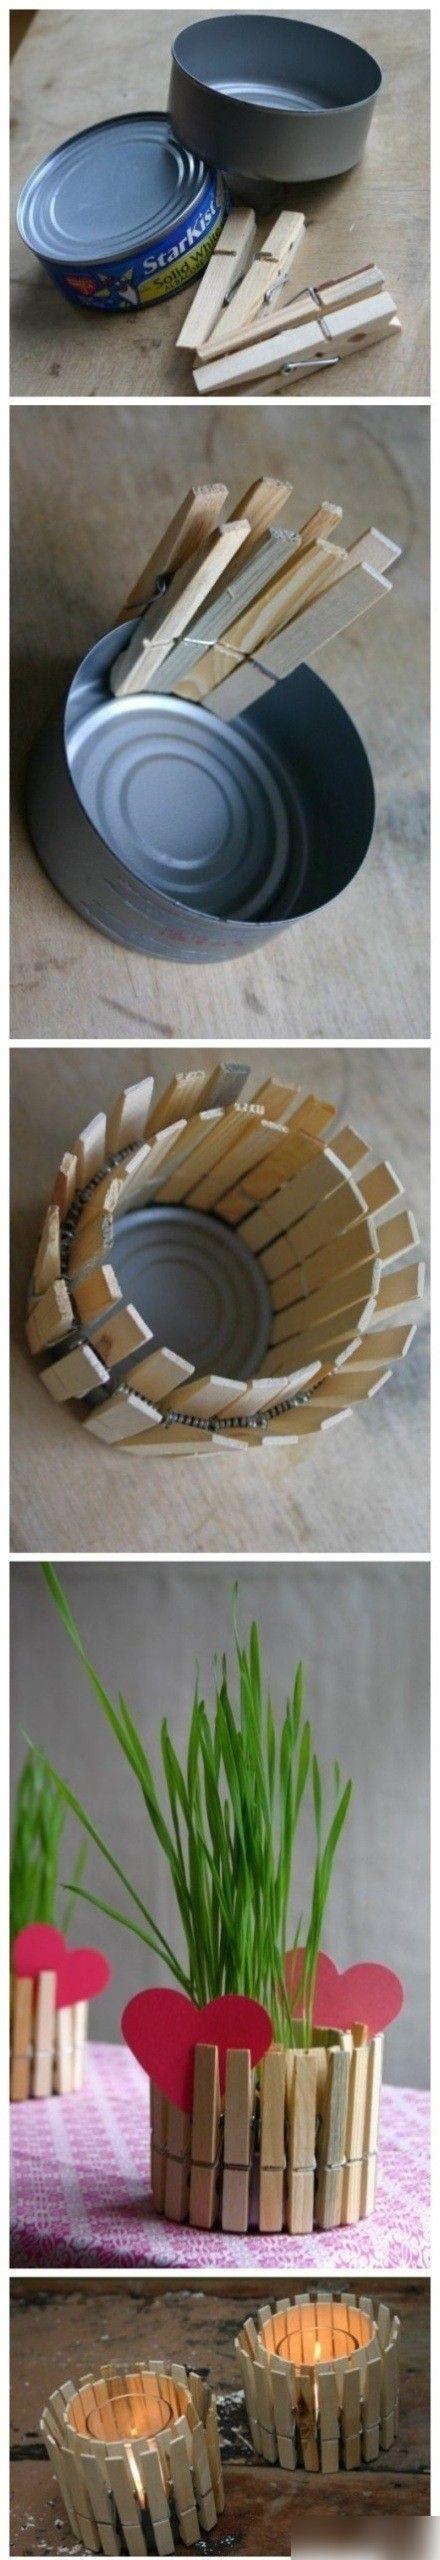 Organize a casa com artesanato | Vida Organizada